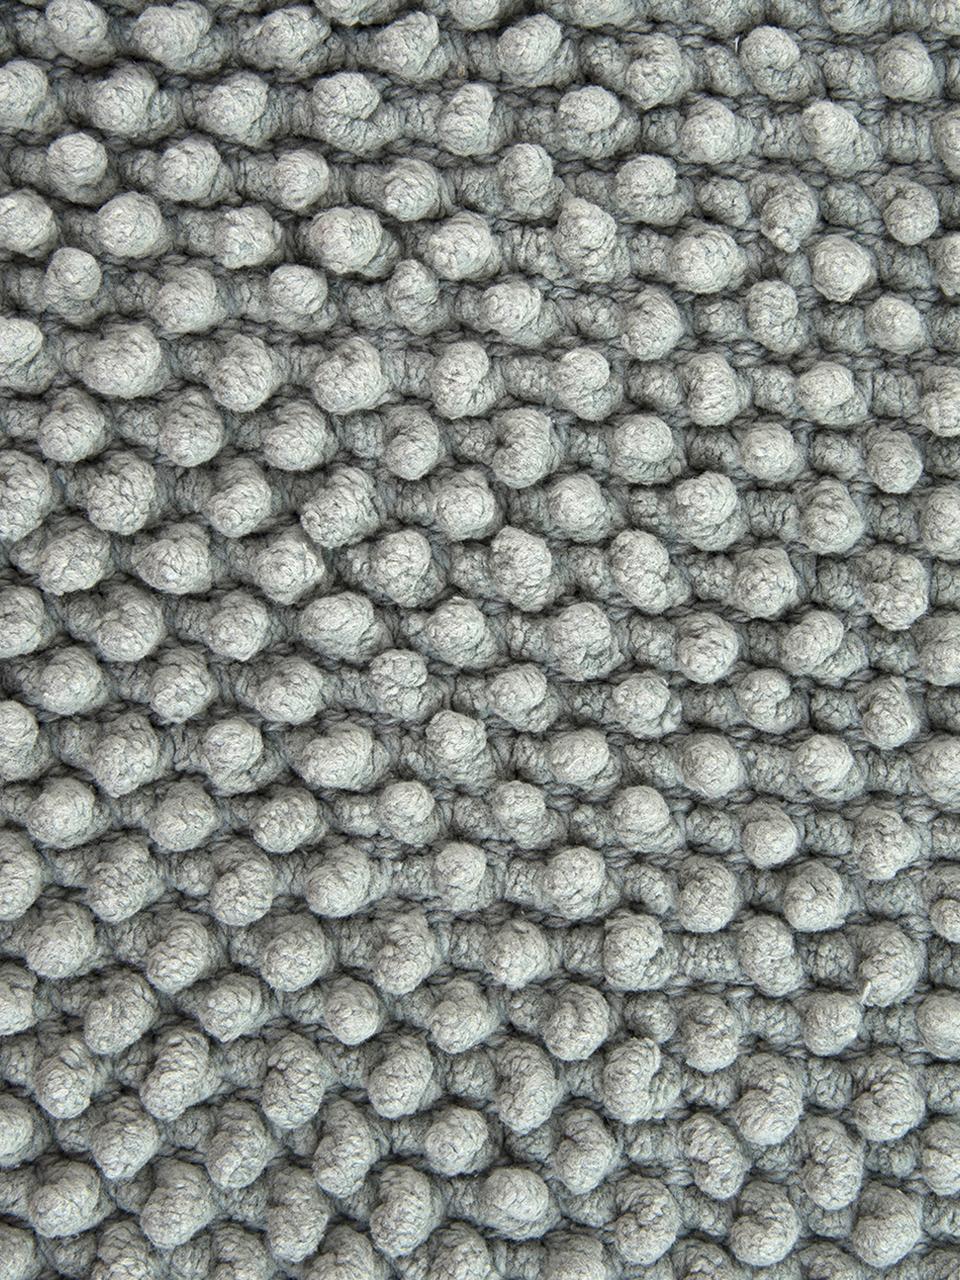 Kissenhülle Indi mit strukturierter Oberfläche in Salbeigrün, 100% Baumwolle, Salbeigrün, 45 x 45 cm